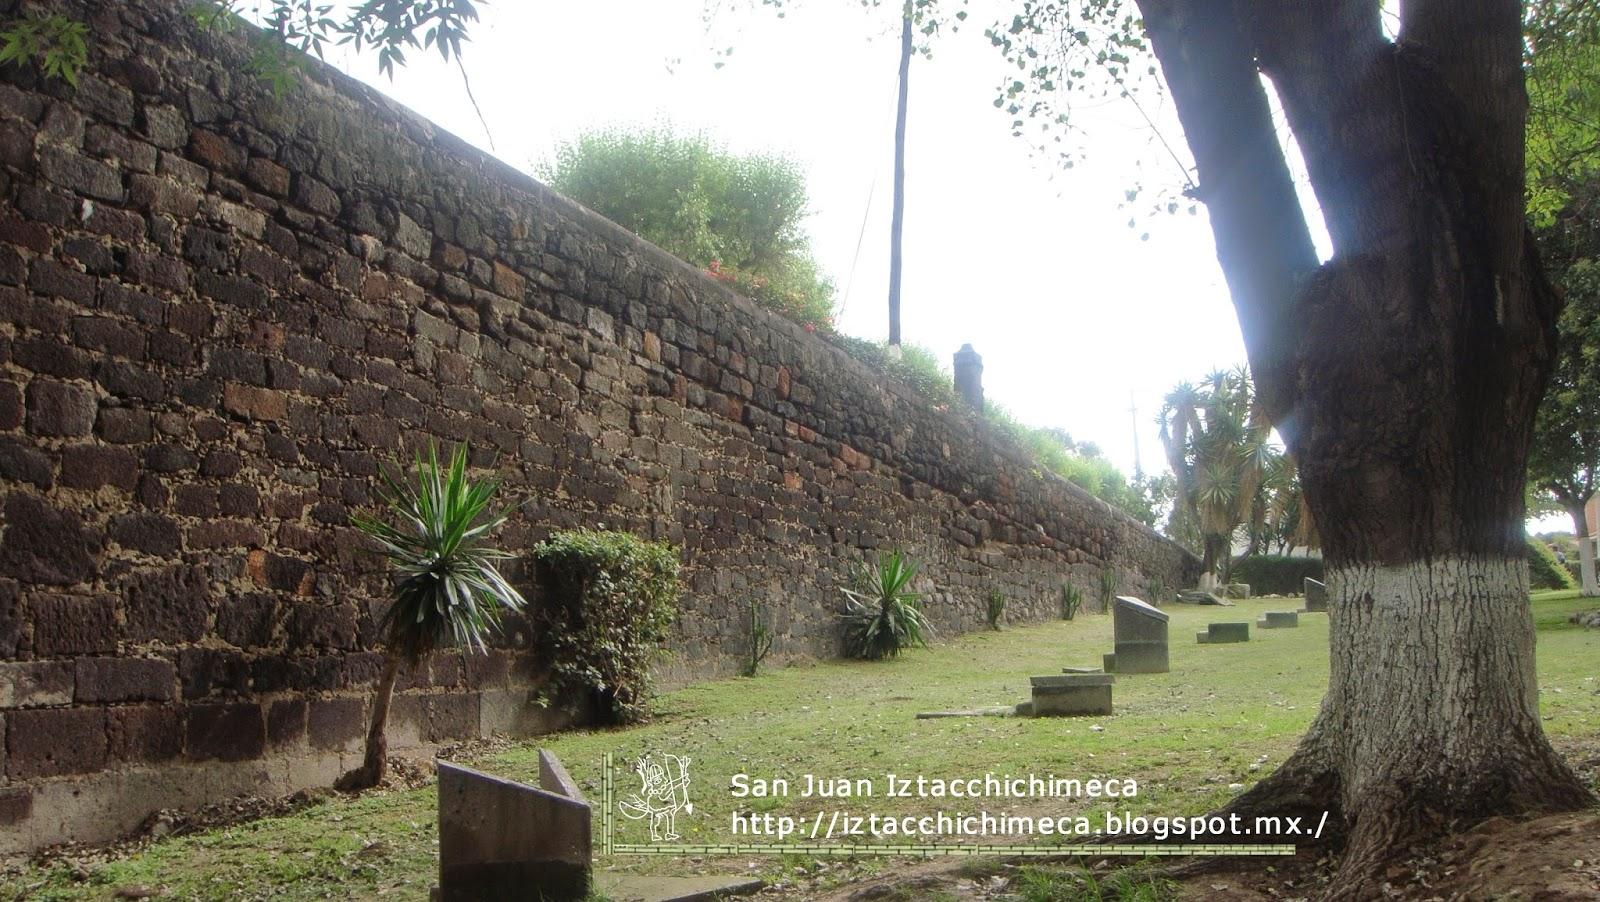 San juan iztacchichimeca el puente de la historia y sus inscripciones - Abreviatura de arquitecto ...